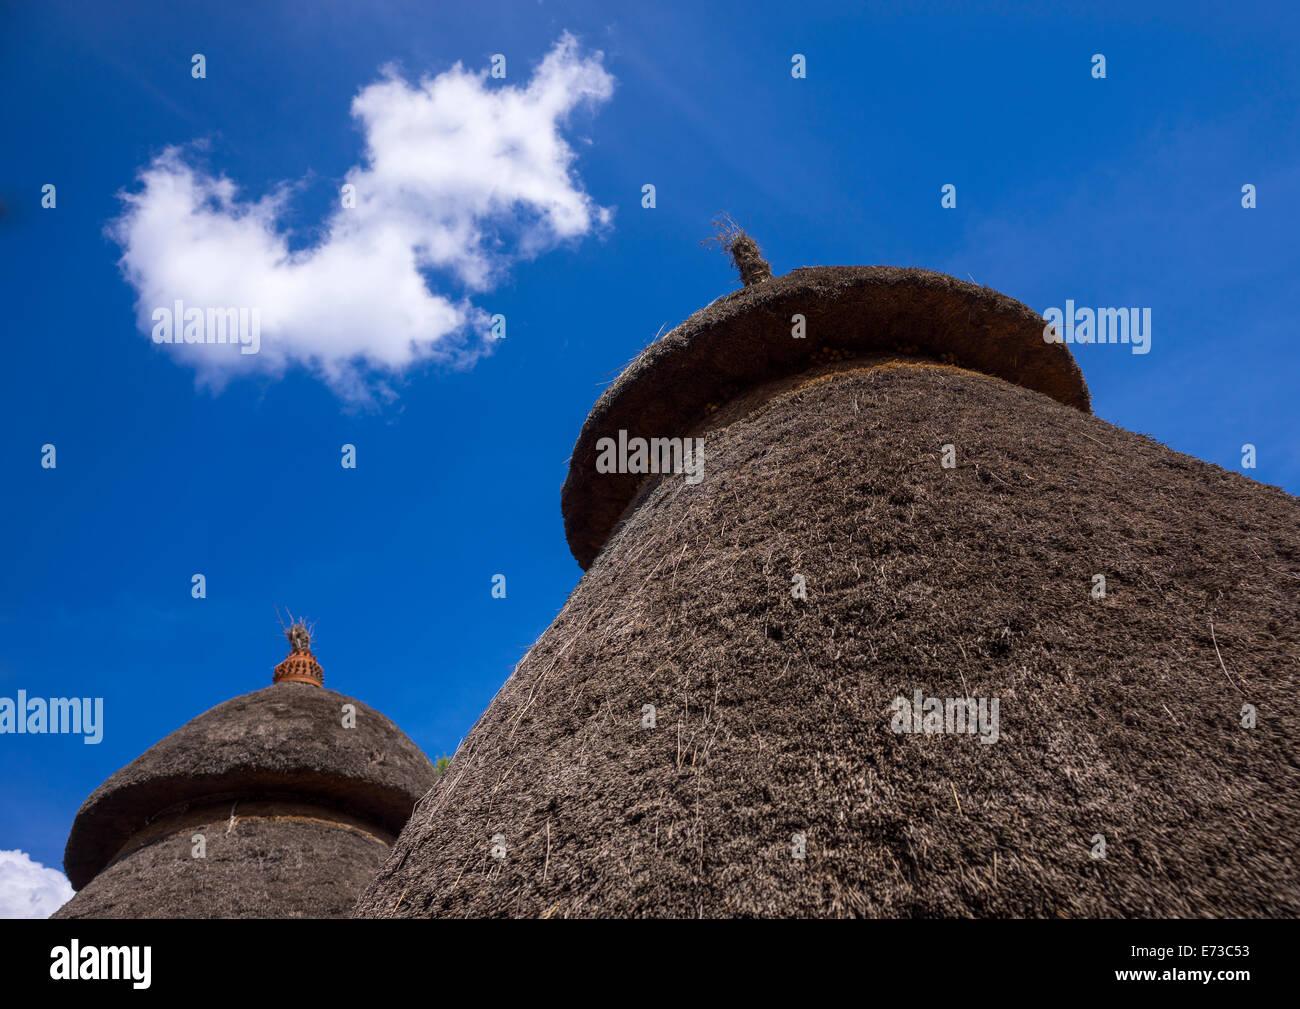 Tribu Konso Maisons traditionnelles avec des pots sur le dessus, Konso, vallée de l'Omo, Ethiopie Banque D'Images